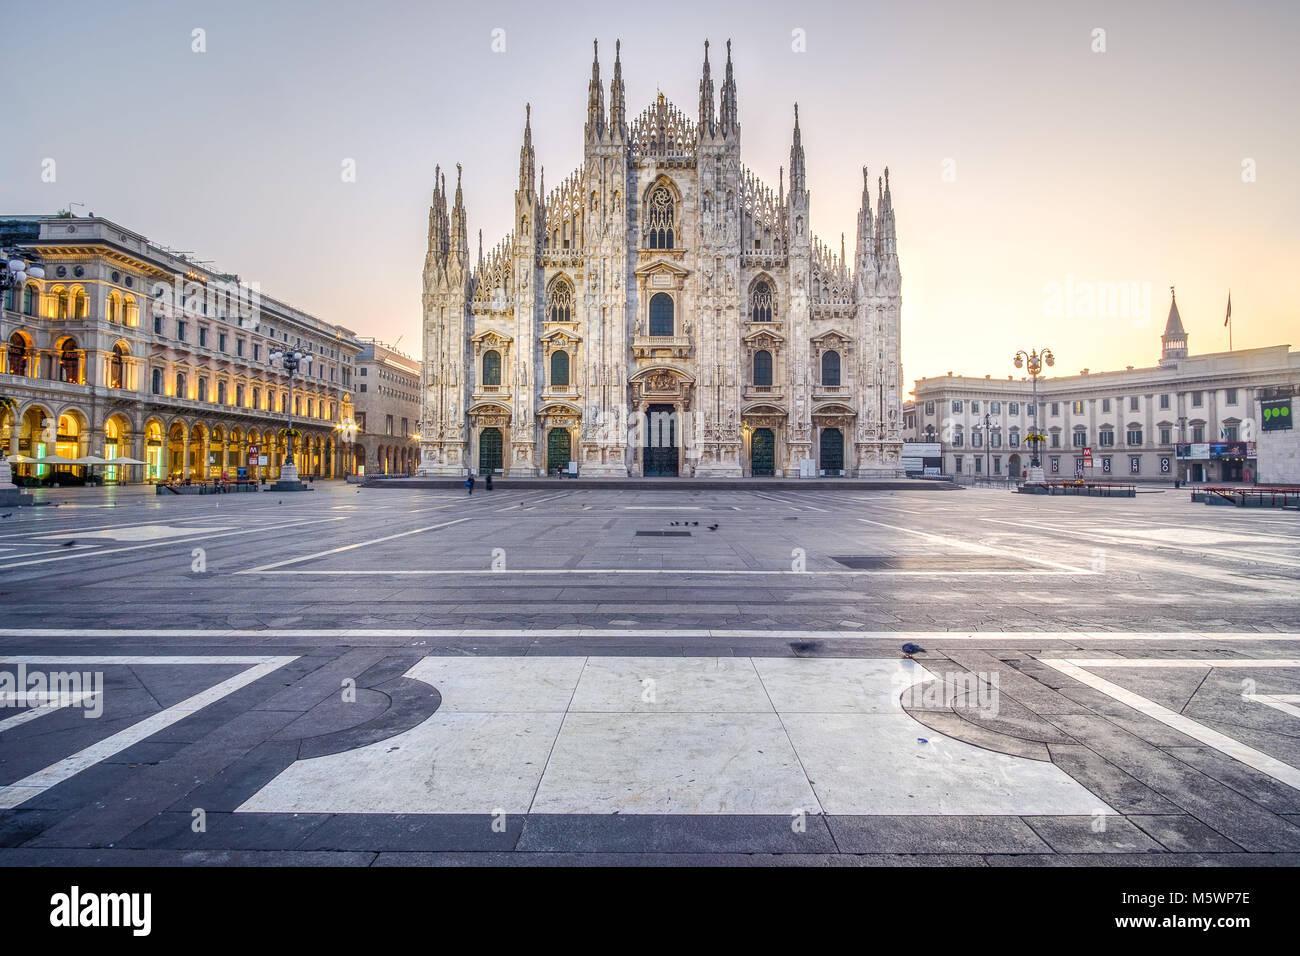 Amanecer en la Piazza del Duomo de Milán, Italia. De diciembre de 2017. Imagen De Stock